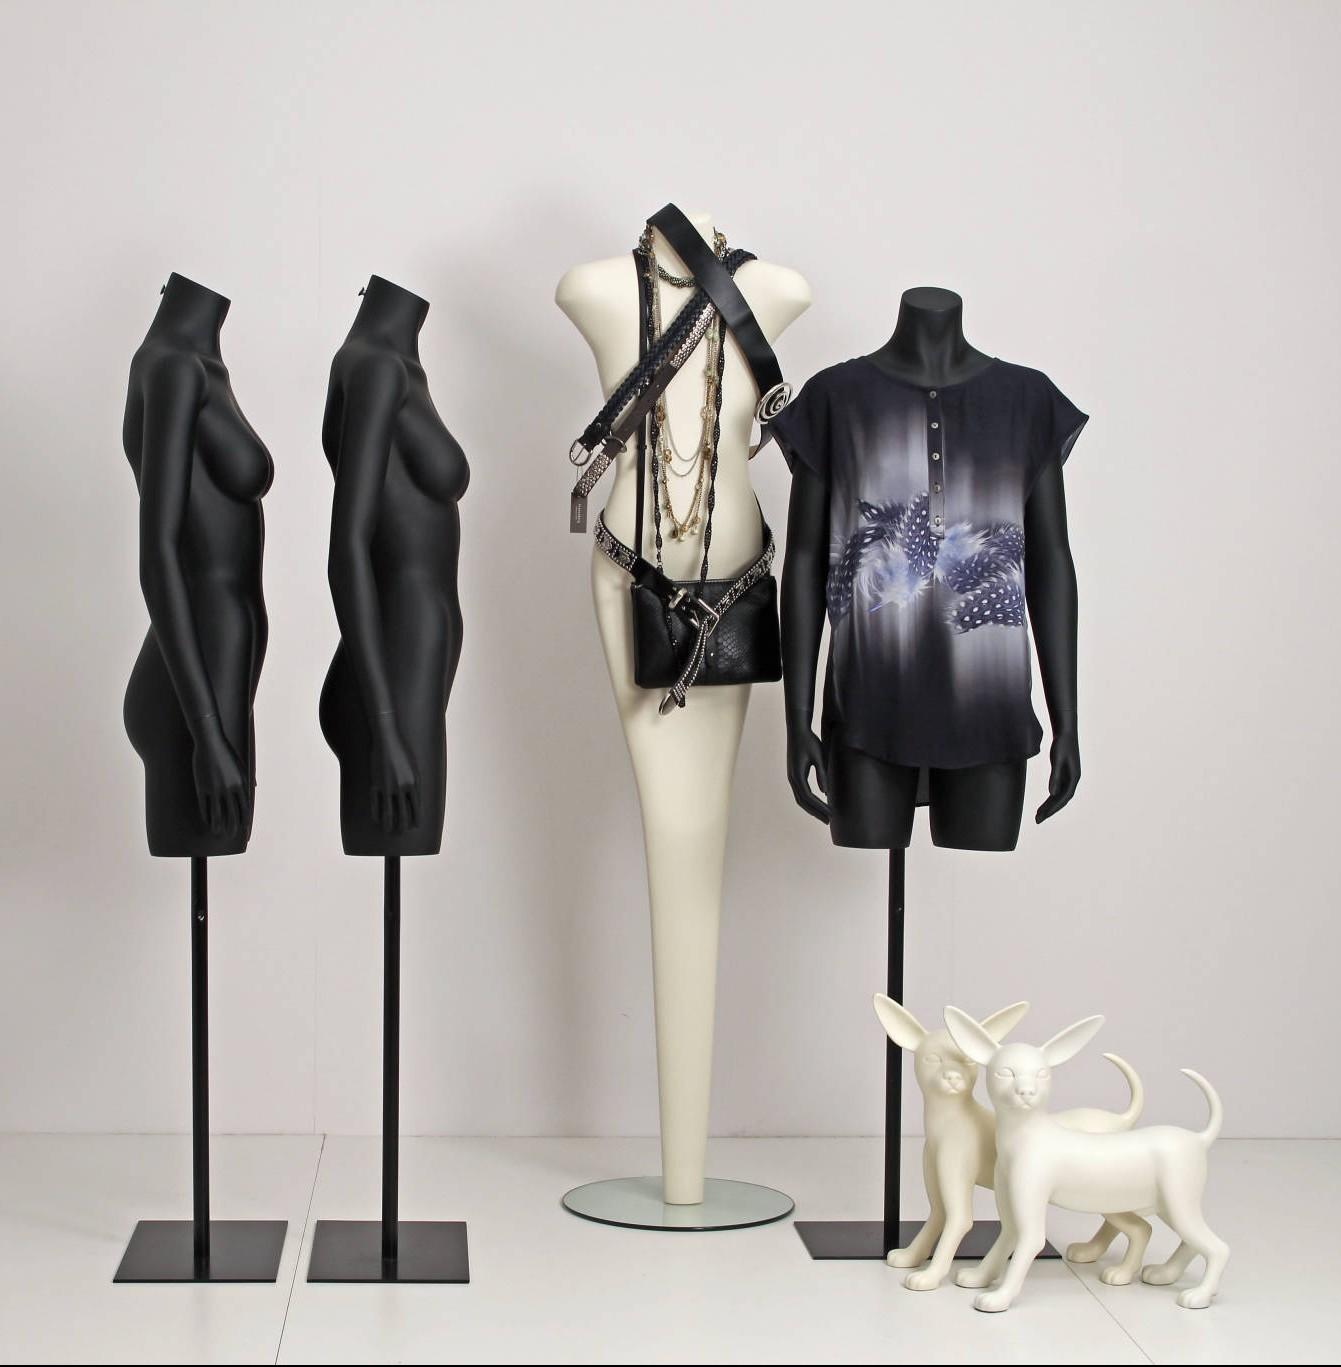 Schaufensterpuppen ART Kollektion zusammen mit torsen im schwartz